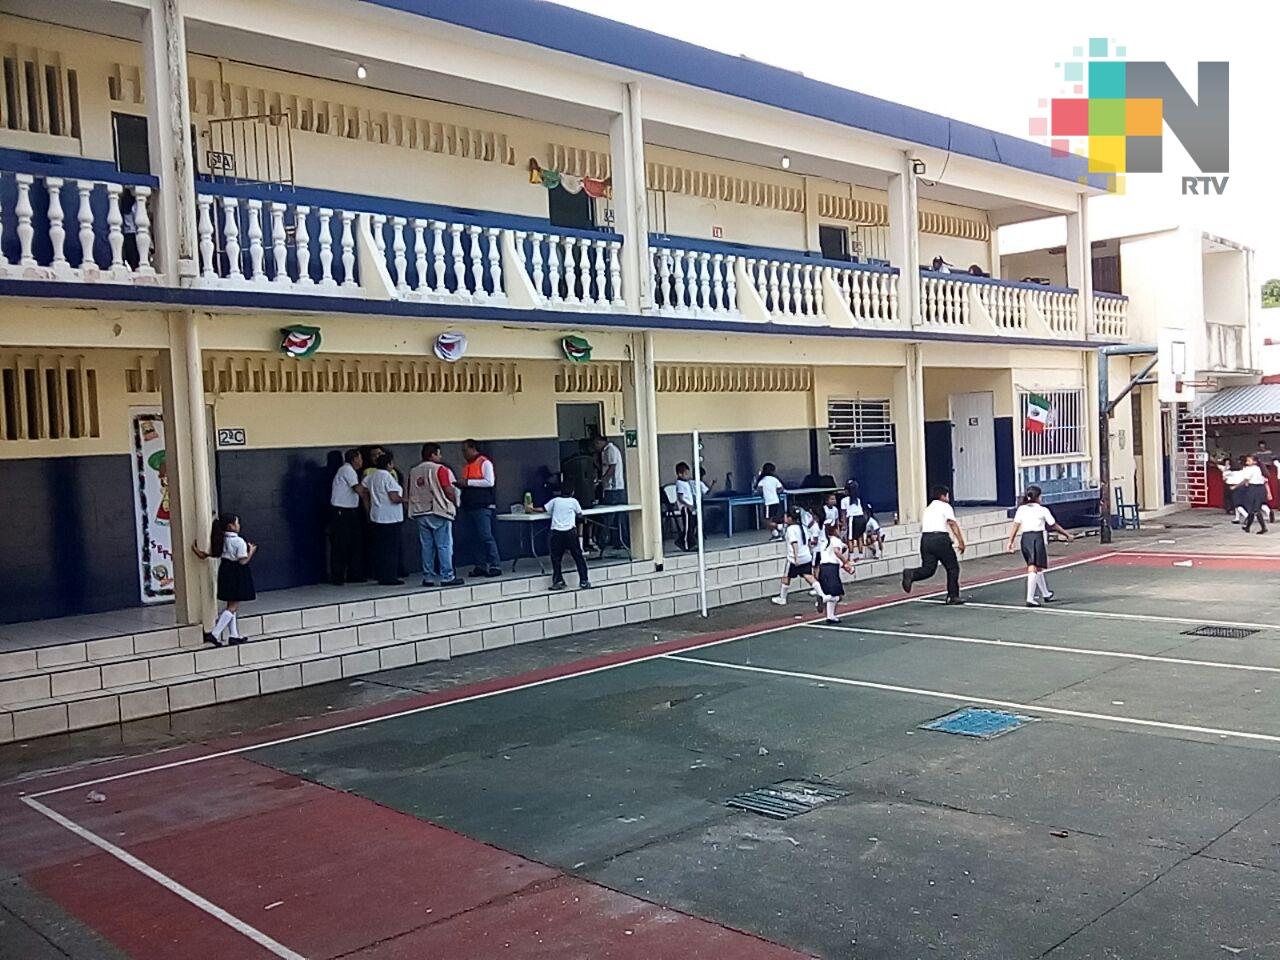 Existen protocolos en escuelas para proteger a los niños de cualquier riesgo: SEV